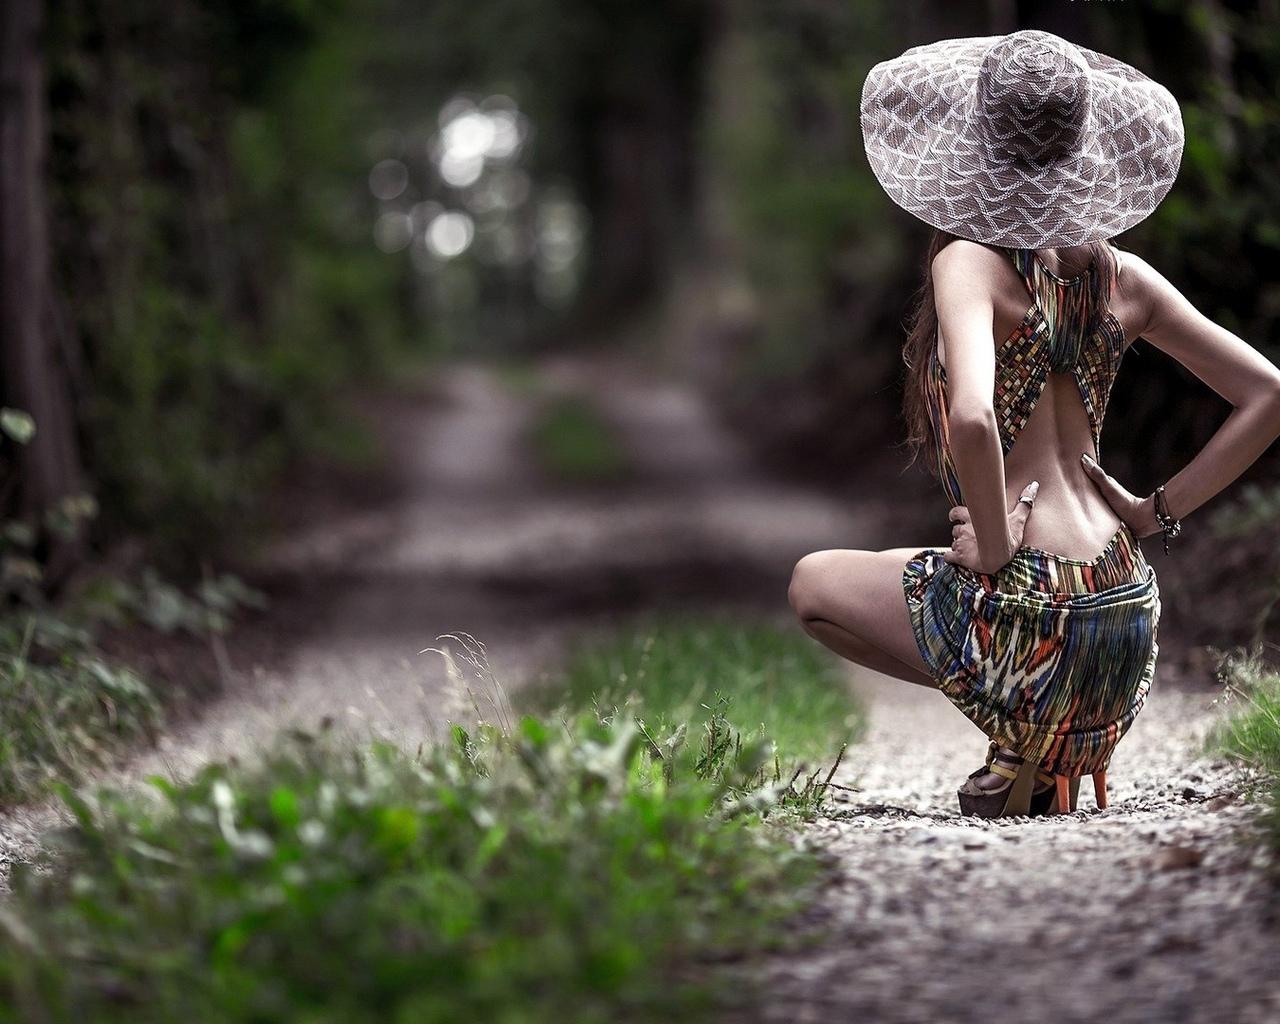 женщины, модель, брюнетка, длинные волосы, женщины на открытом воздухе, природа, деревья, лес, дорожка